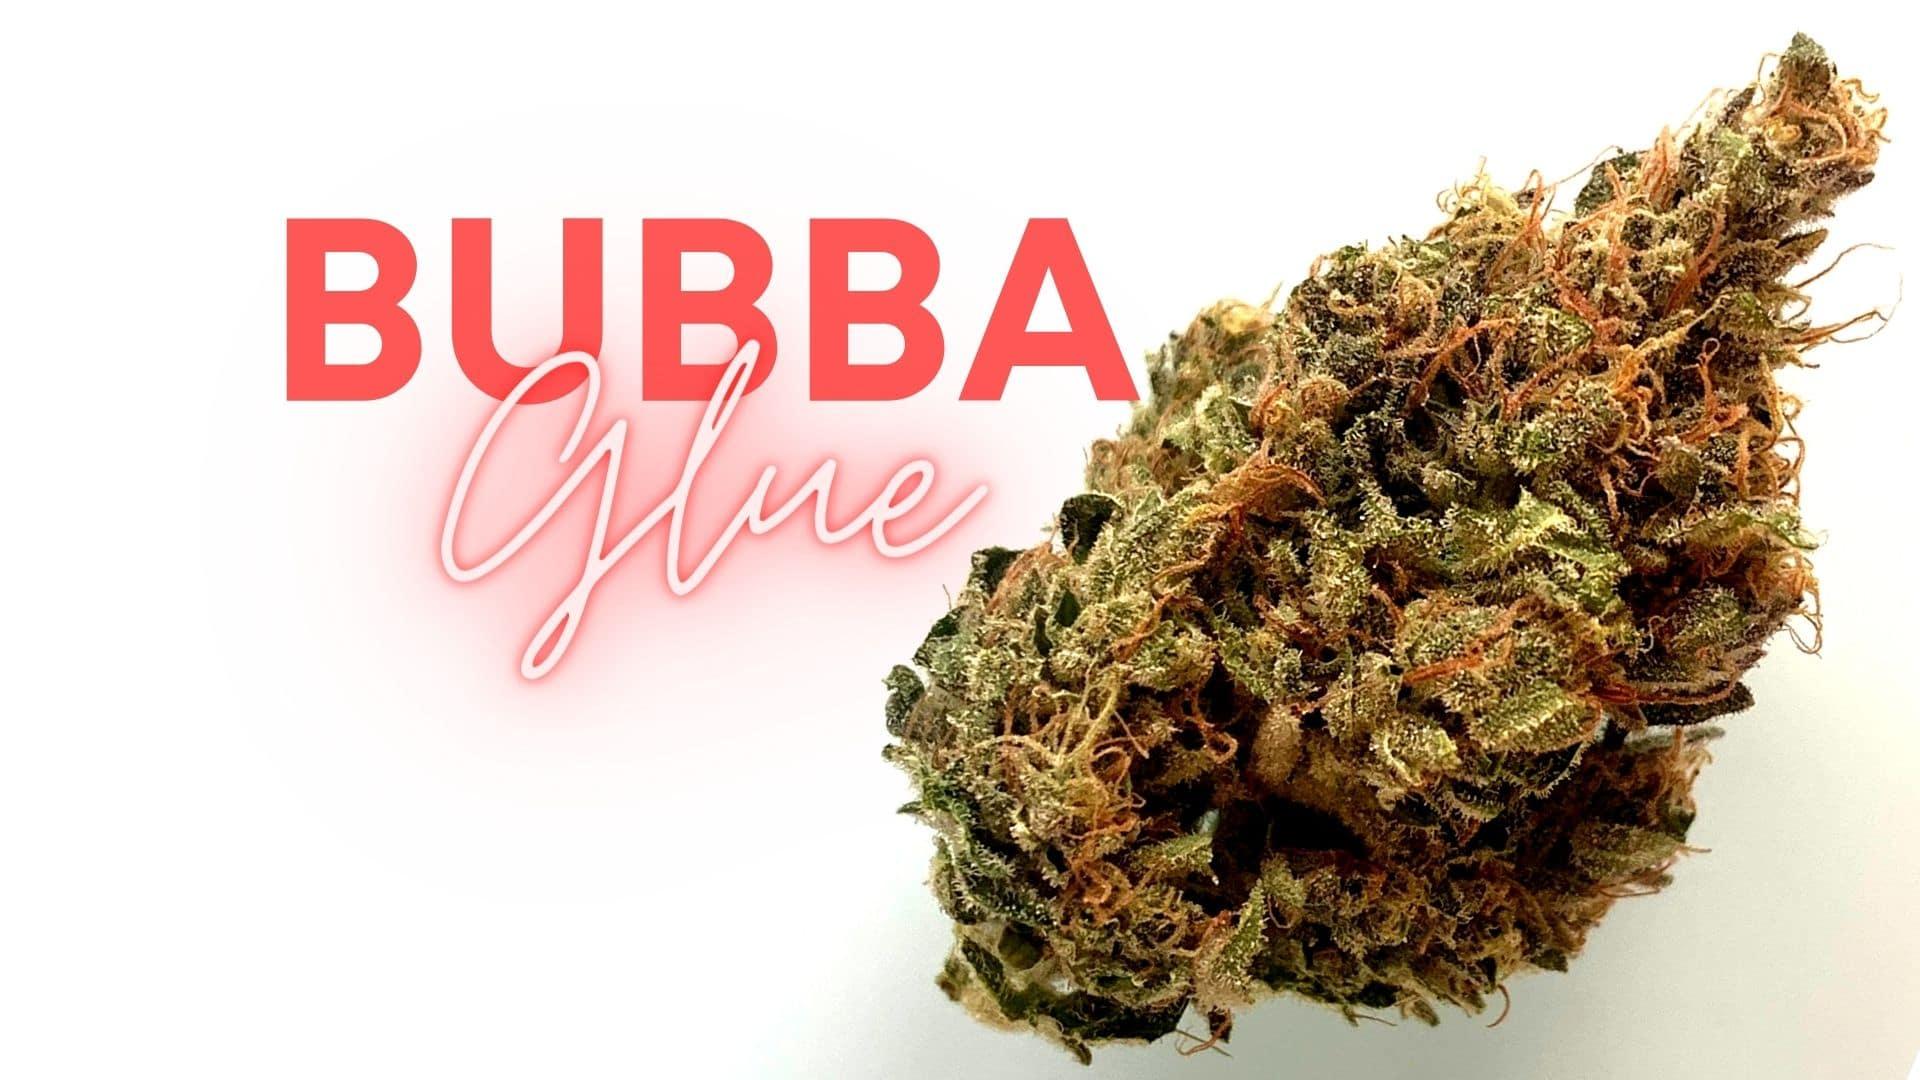 bubba glue